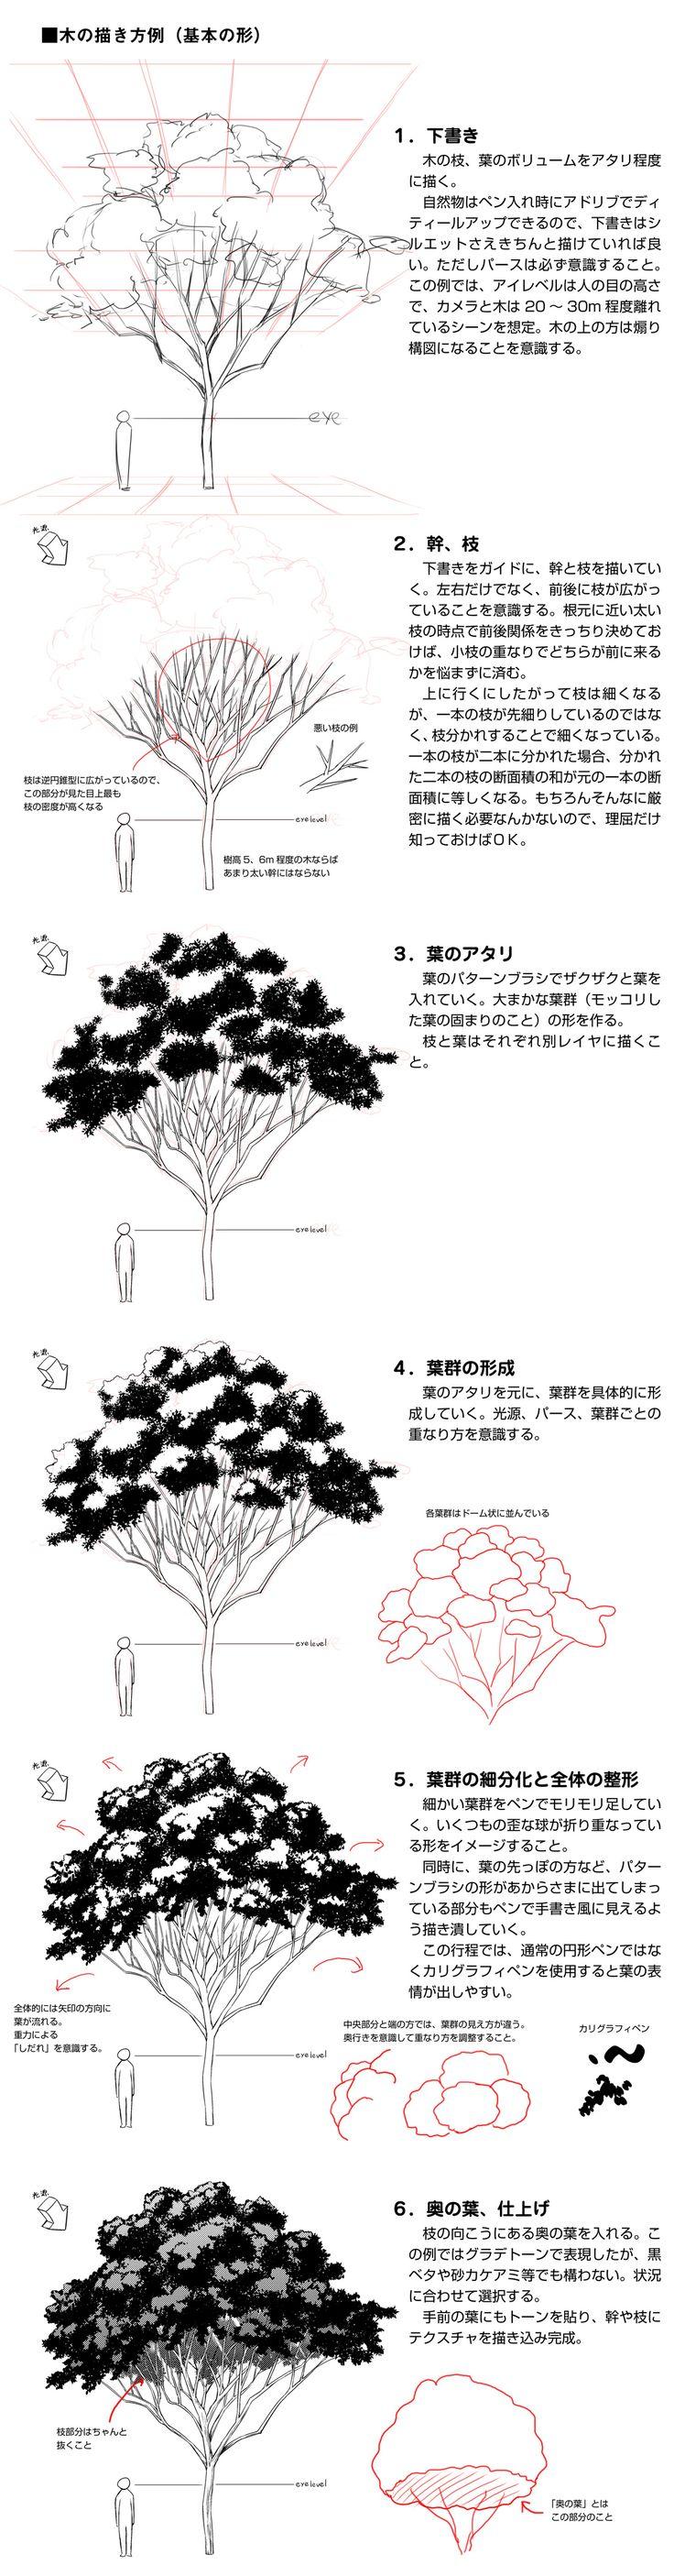 木の描き方例(基本の形)